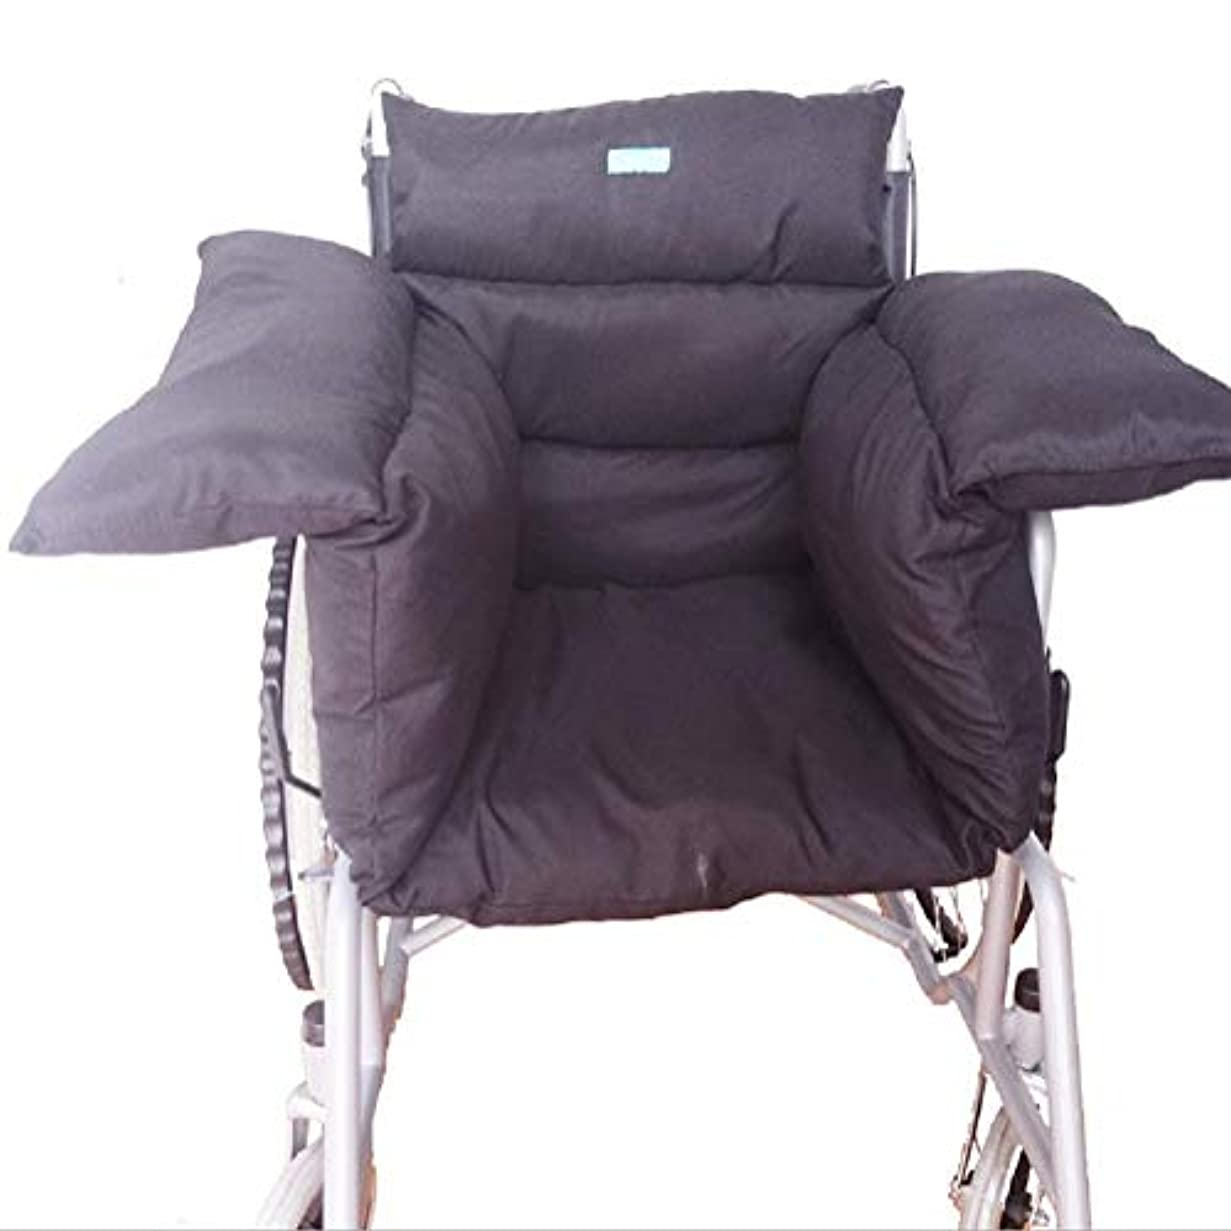 八百屋ギター怒る車椅子用シートクッション、麻痺高齢者の長時間座っに最適、寛大なサイズ、保温性、洗える合計車椅子枕